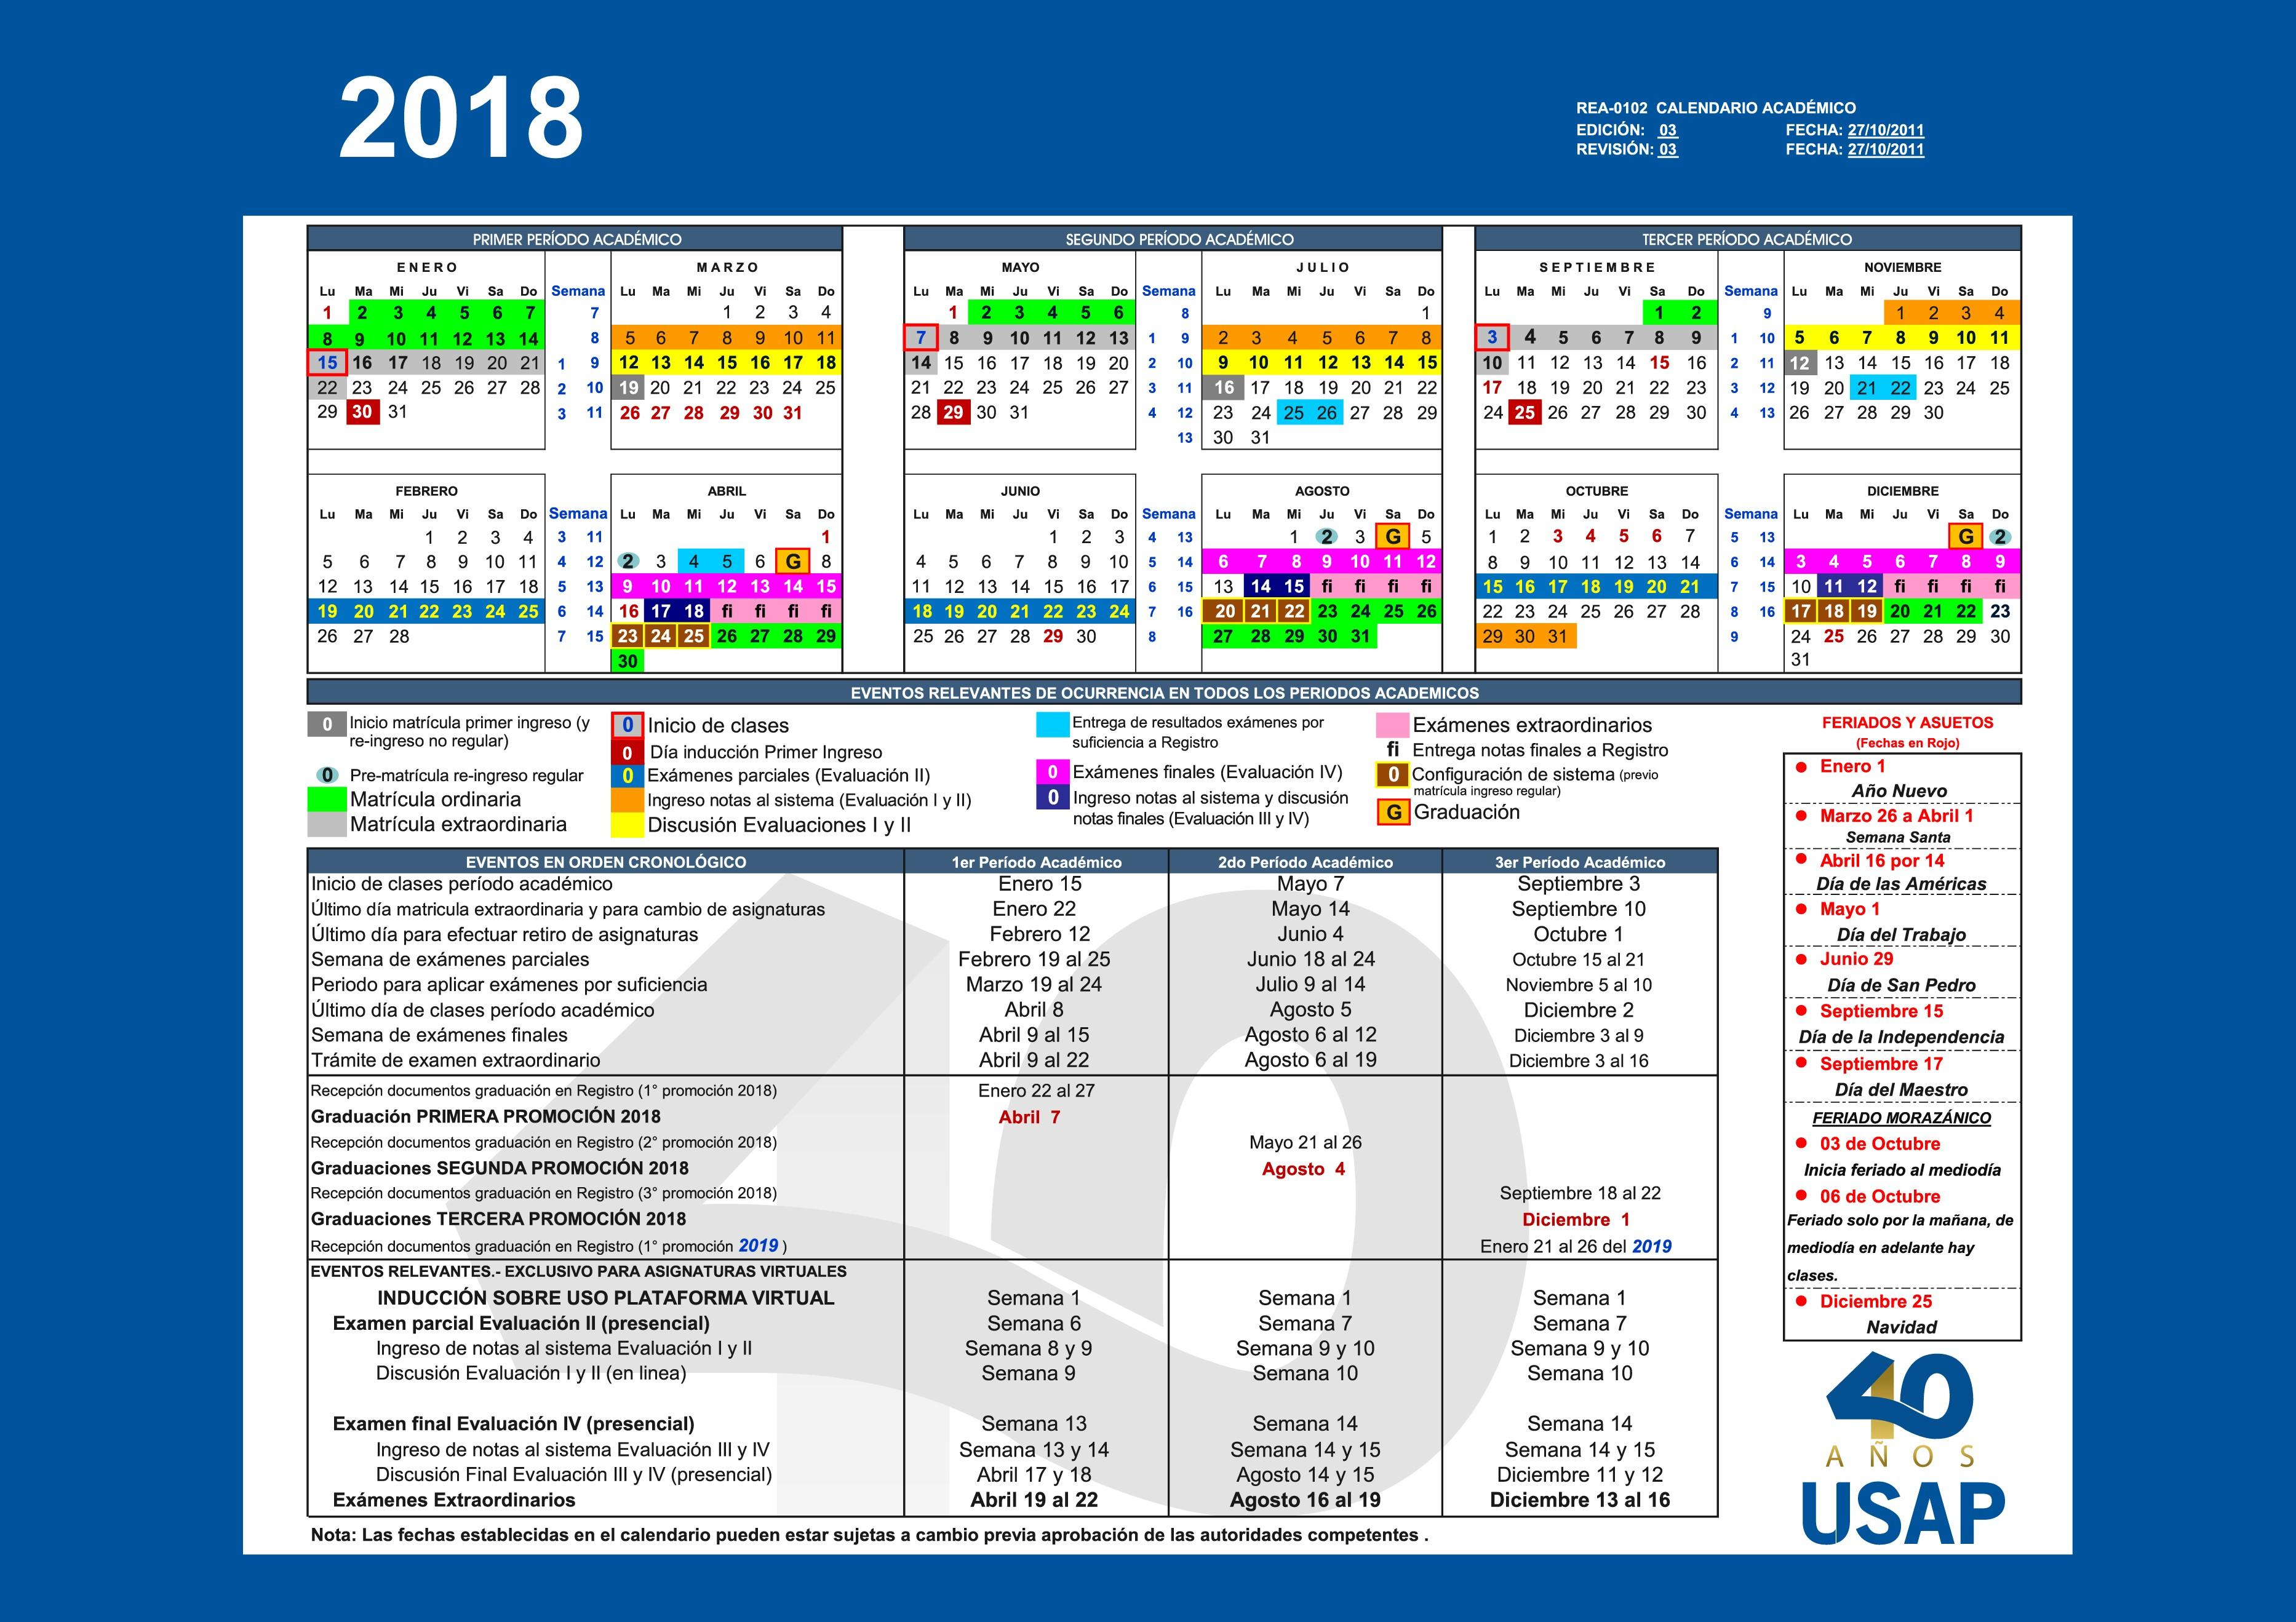 Calendario De Feriados 2017 Para Imprimir Más Actual Calendario Octubre 2018 Colombia T Of Calendario De Feriados 2017 Para Imprimir Más Arriba-a-fecha Best Calendario Del Mes De Enero 2017 Para Imprimir Image Collection